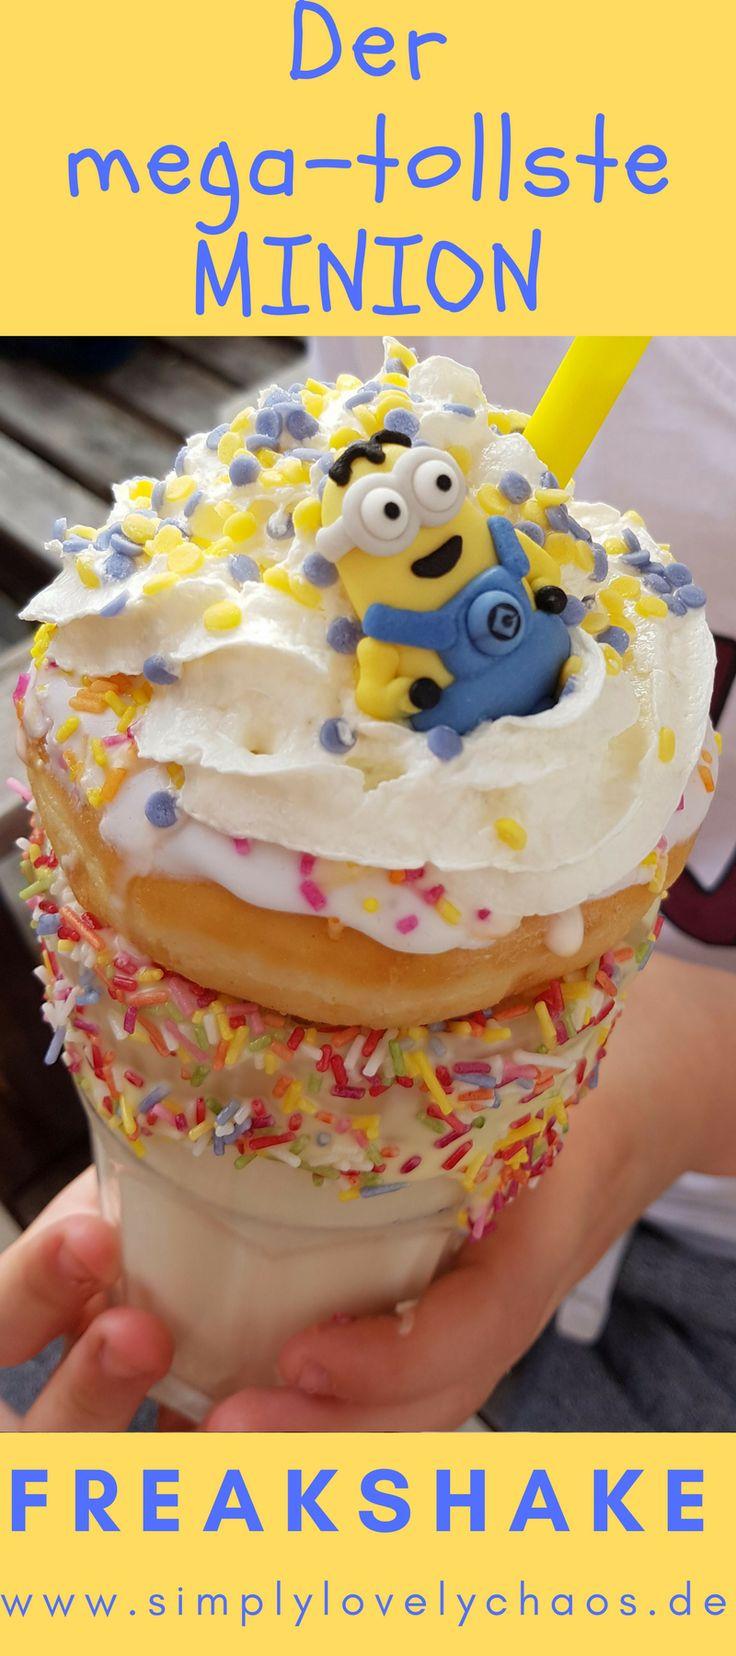 Eine leckeres und einfaches Rezept für einen Minion-Freakshake. Tolle Idee für Kinder und Geburtstage. Minons-Party #minions #minion #freakshake #party #kindergeburtstag